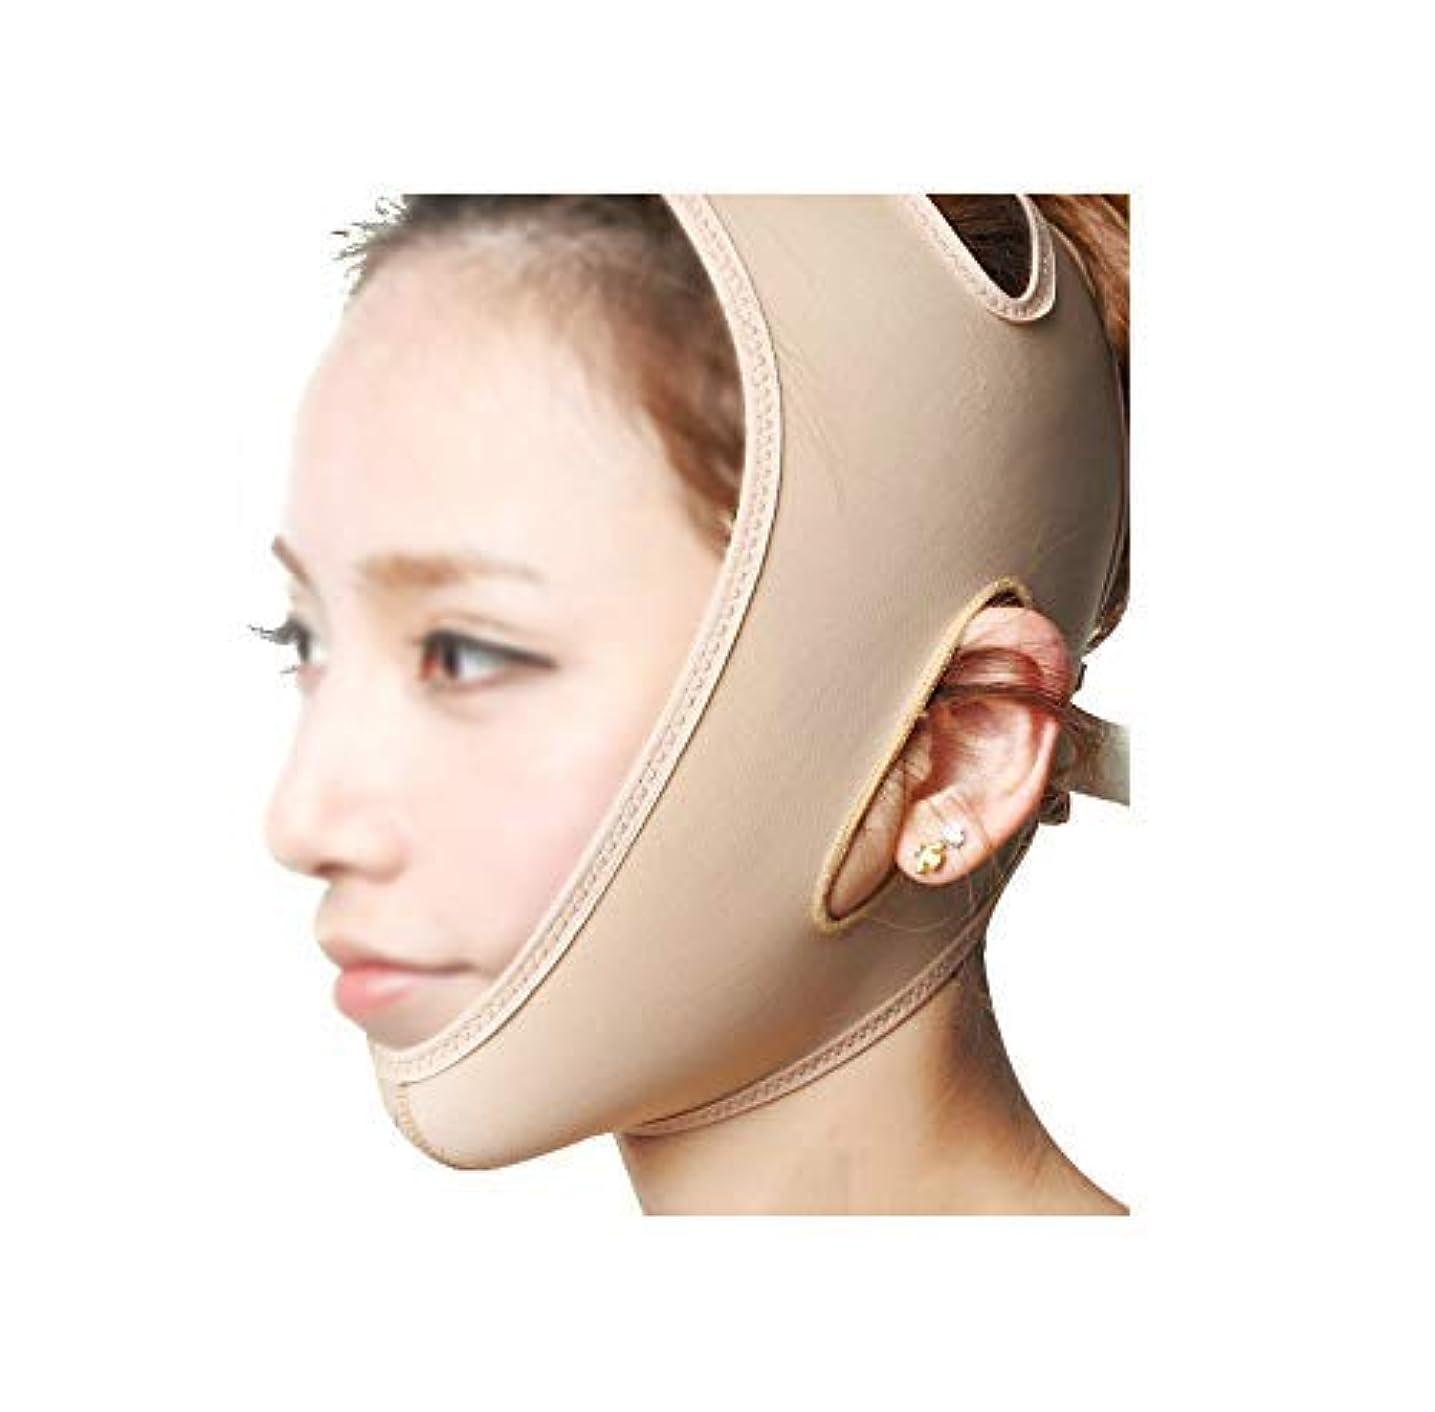 ナチュラル排除放射性フェイスリフティングバンデージ、フェイスマスク3Dパネルデザイン、通気性に優れたライクラ素材の物理的なVフェイス、美しい顔の輪郭の作成(サイズ:S),M